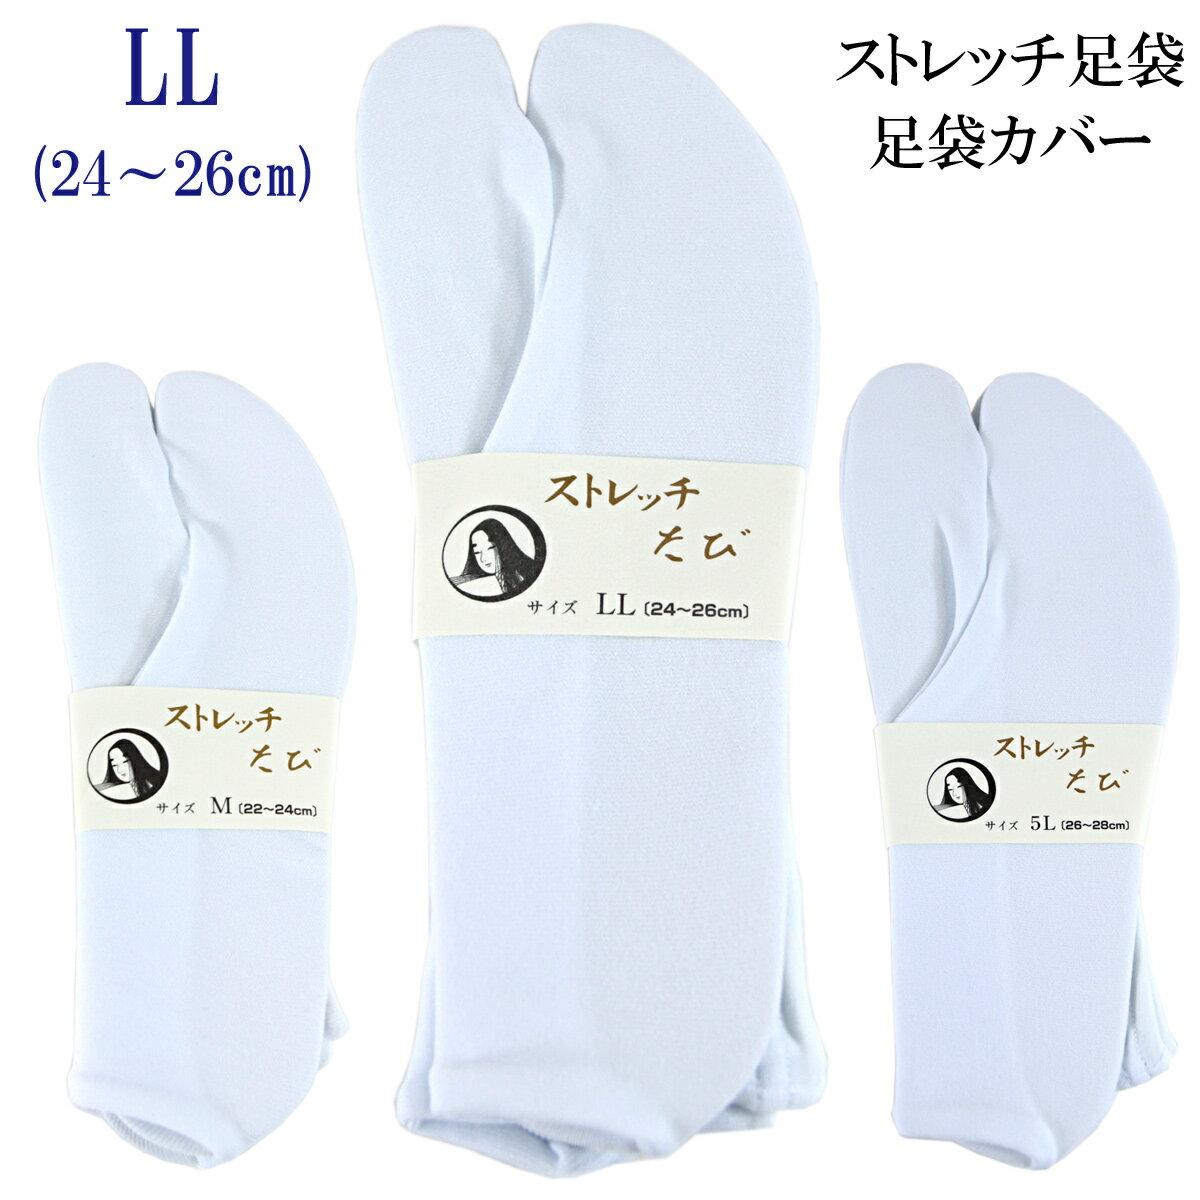 楽屋足袋 ストレッチ足袋 単衣 白 LL/24.0-26.0cm